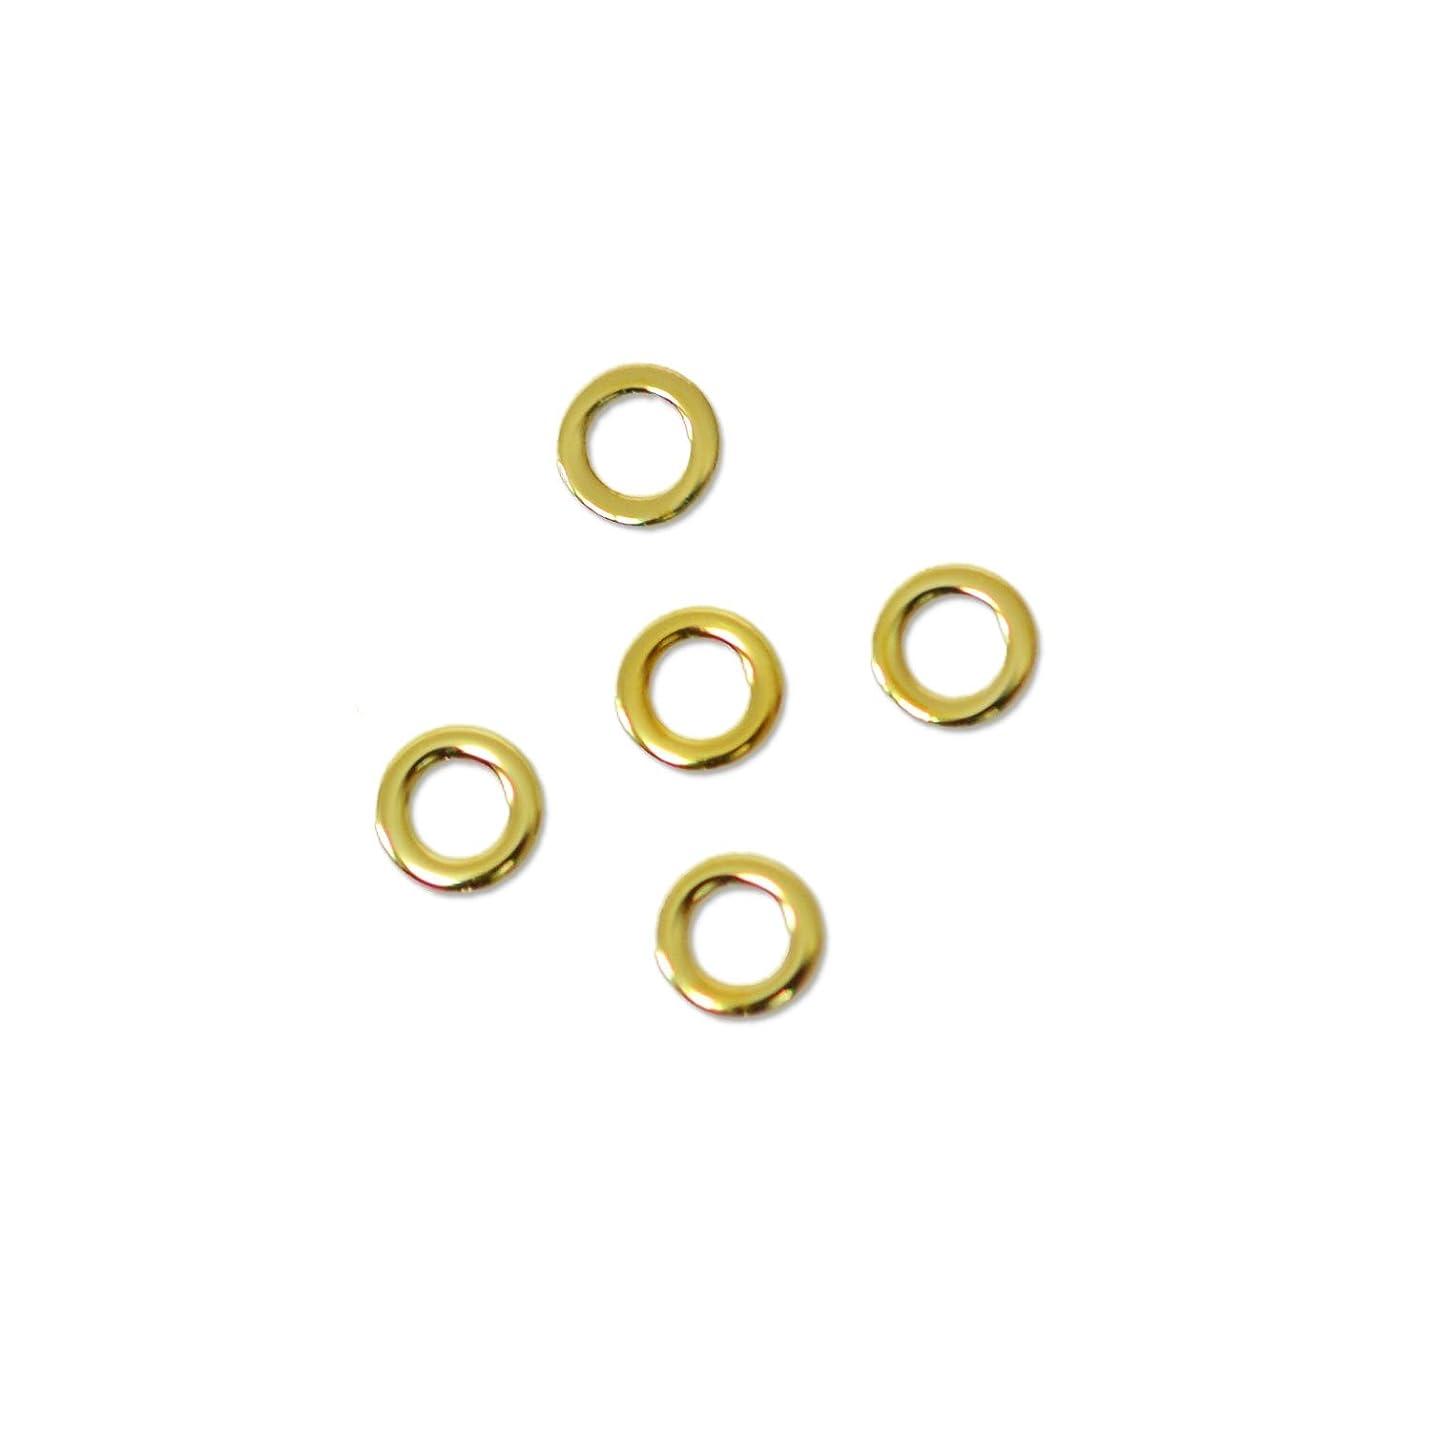 脊椎始める外部薄型メタルパーツ10002  ラウンド M 丸形 外寸約3mm/内寸約2mm ゴールド 20個入り 片面仕上げ